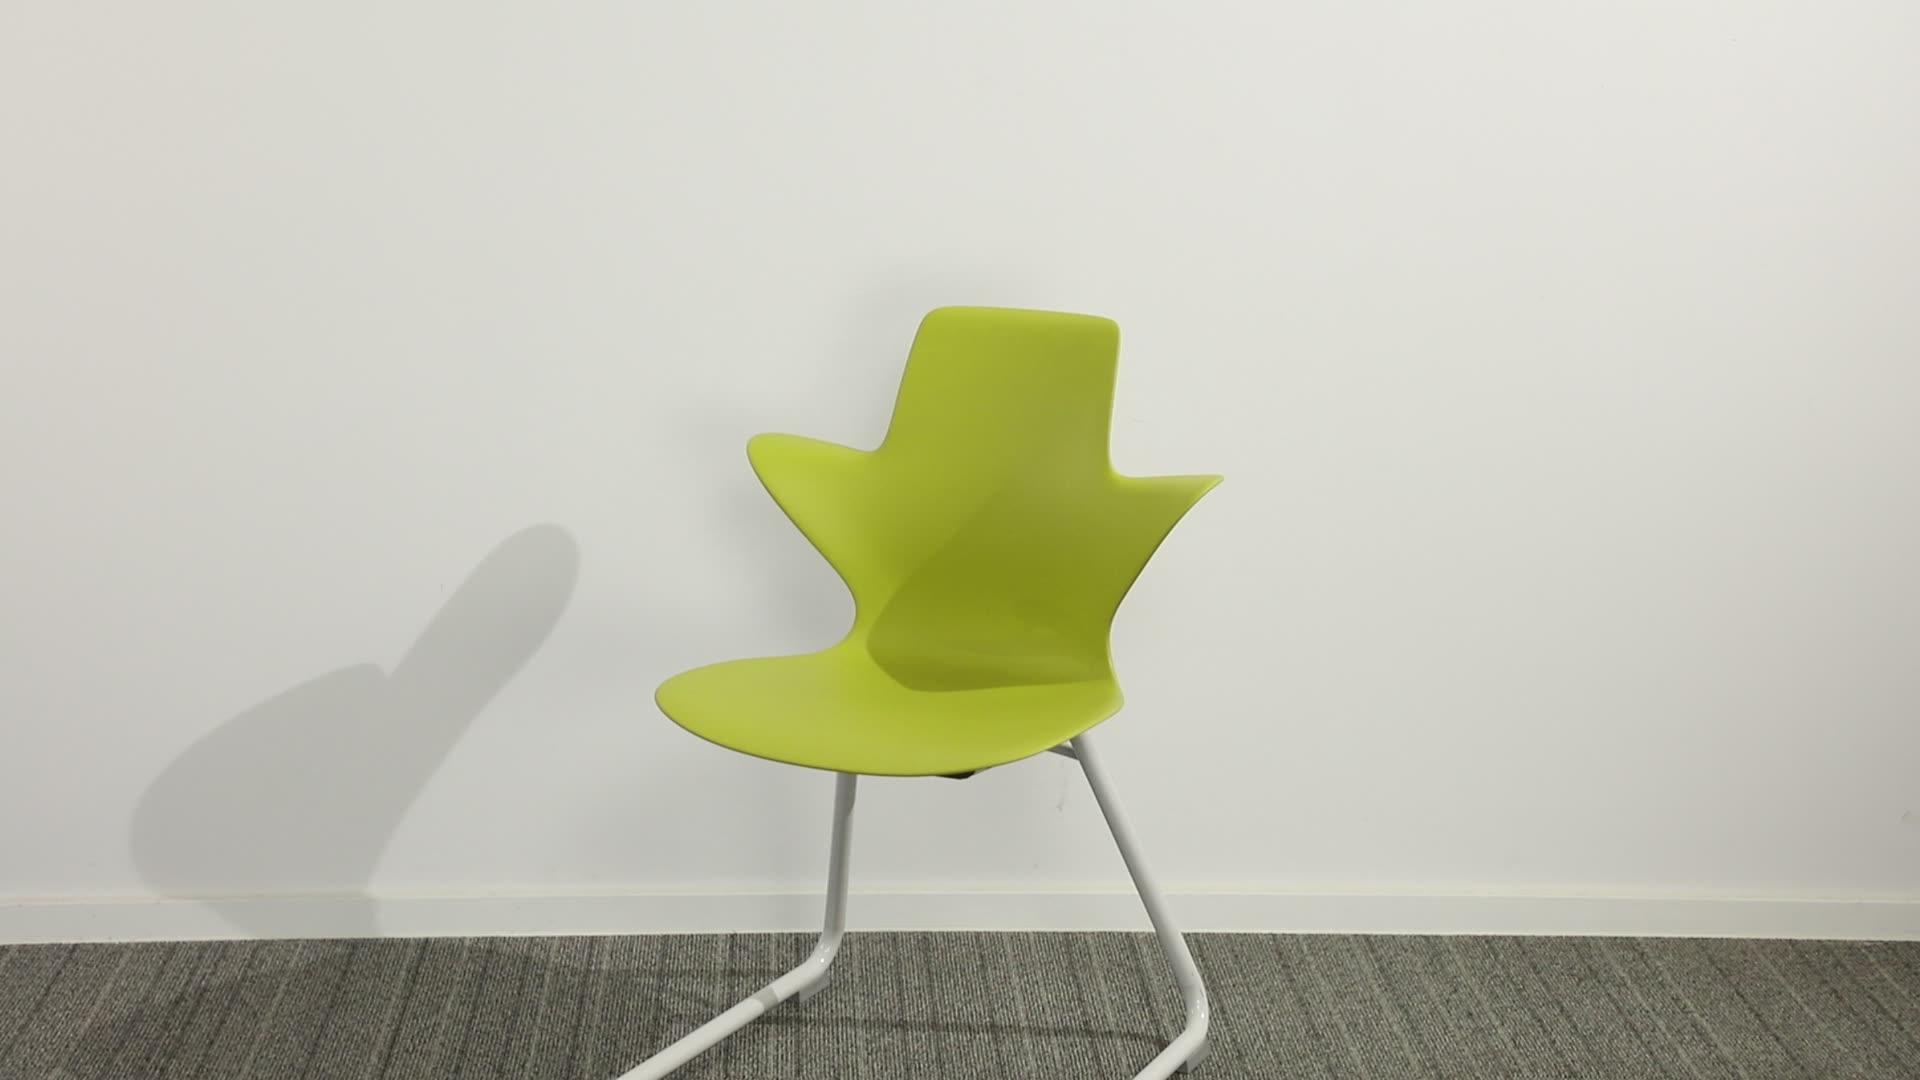 Aula de estudio Silla de Material plástico de muebles para el hogar por escrito silla para sala de estudio